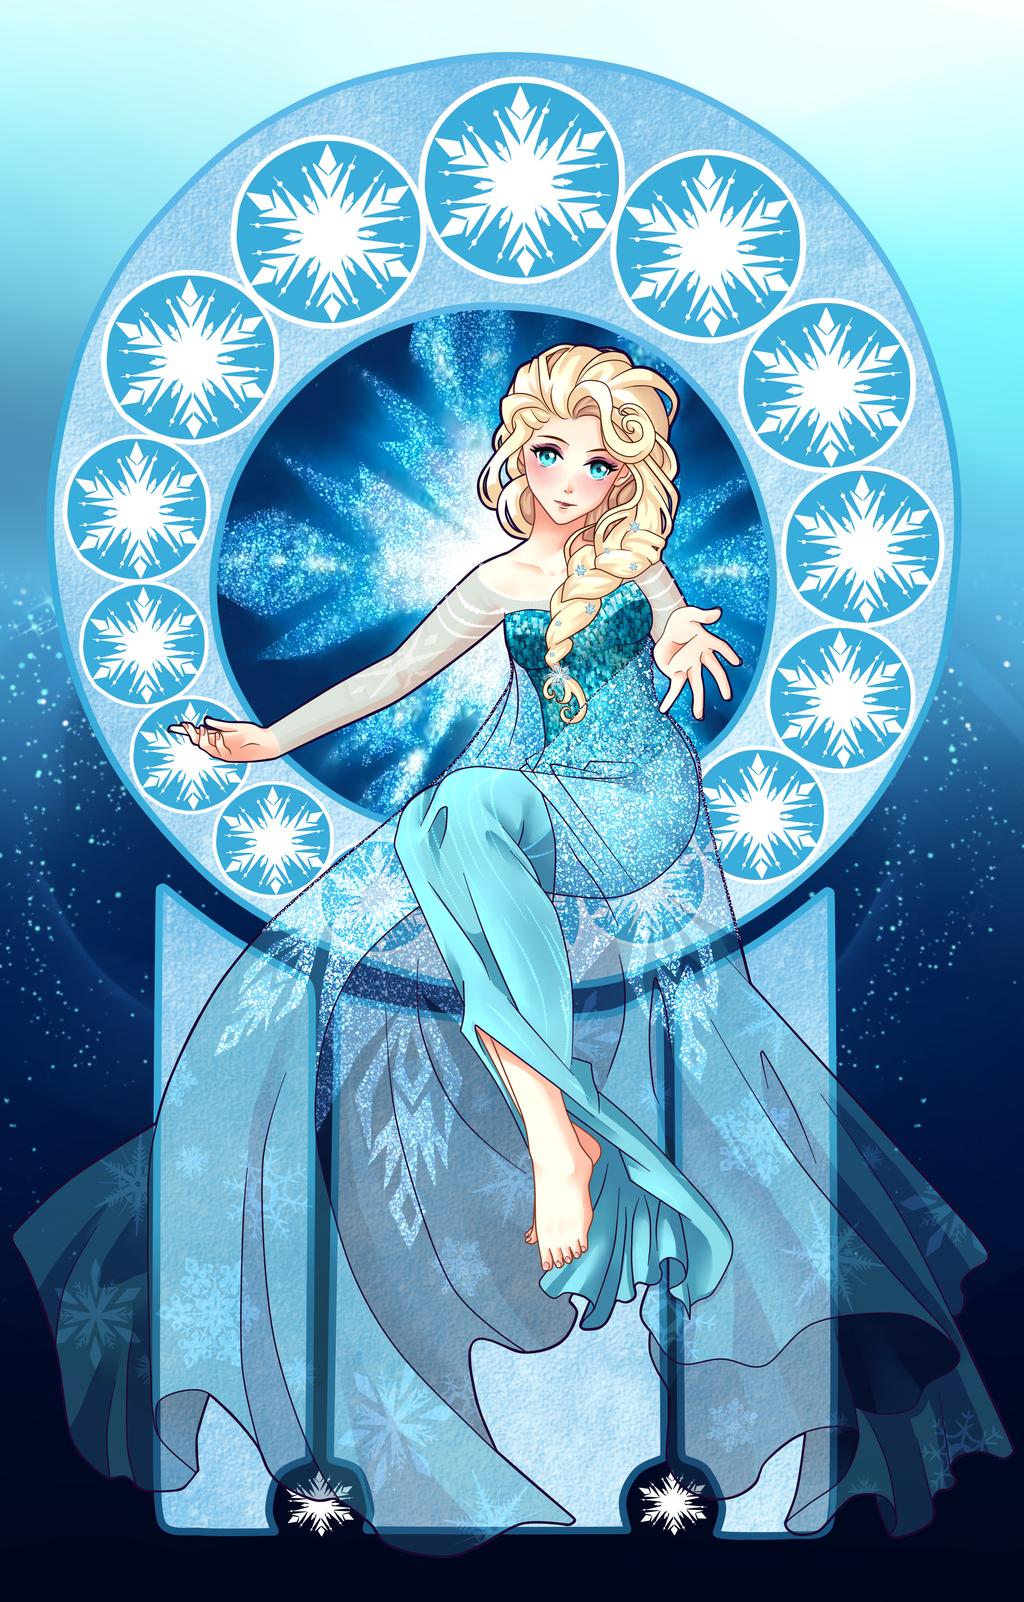 Elsa the Snow Queen by Ichigokitten